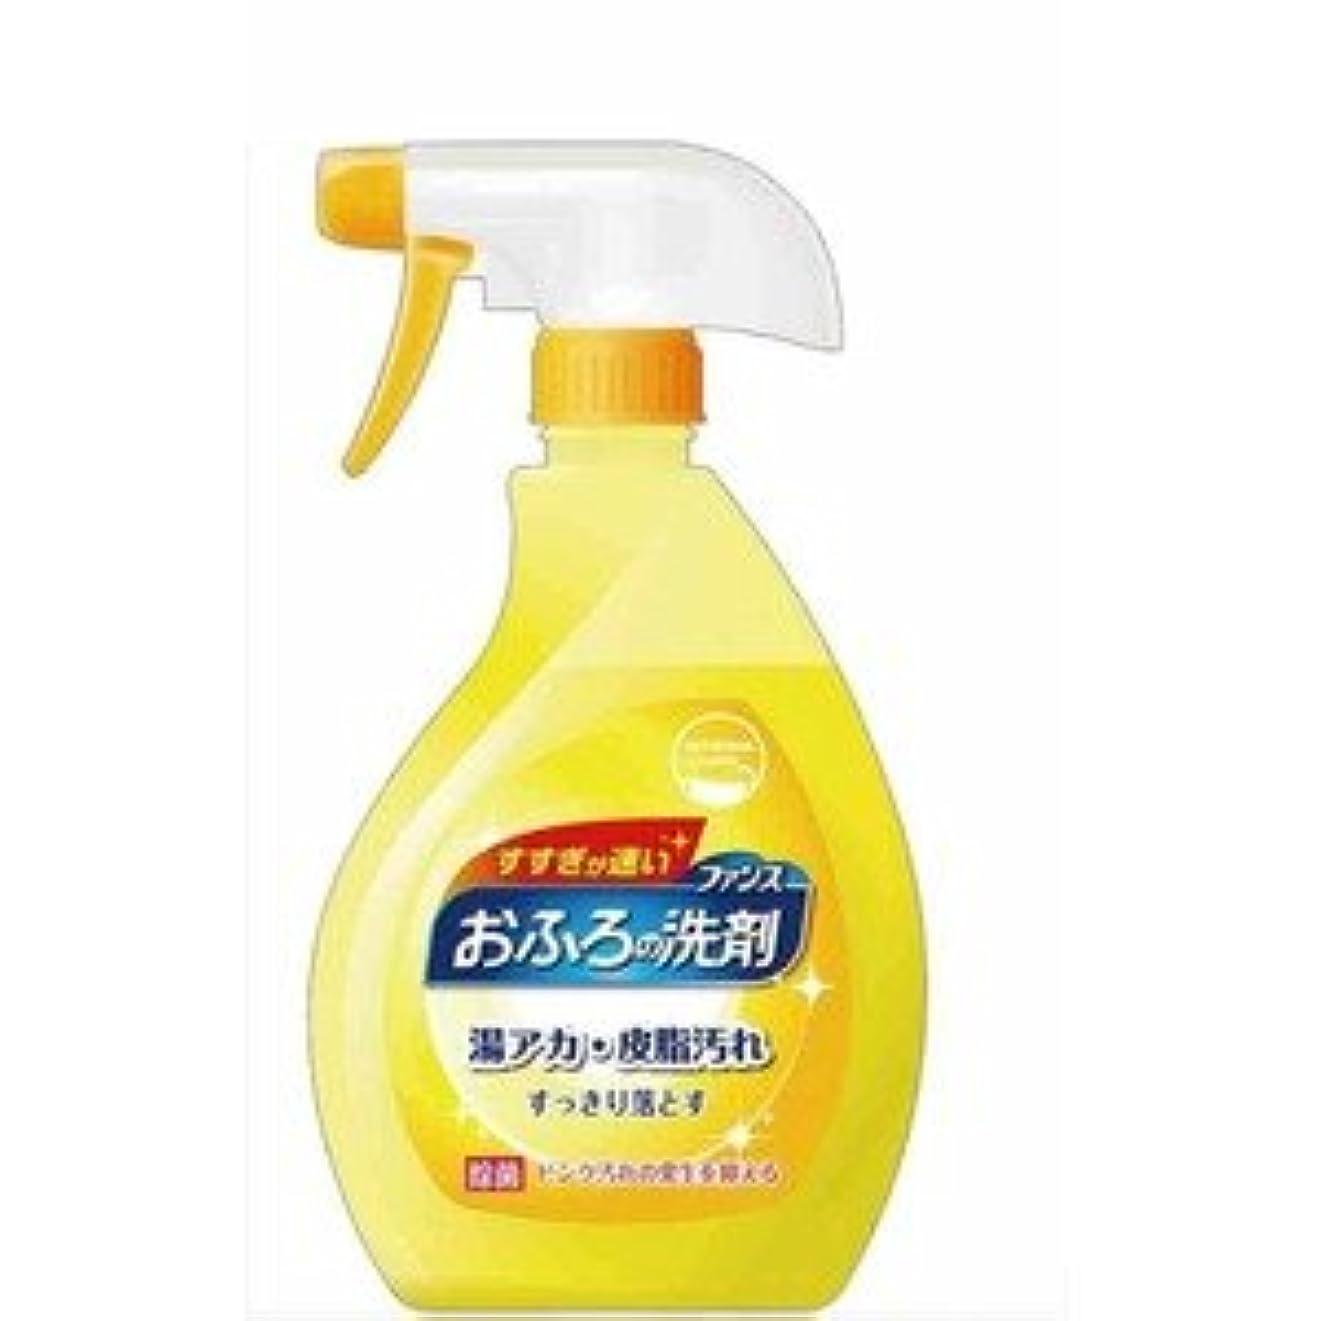 クレタ冗談で観点ルファンスおふろの洗剤オレンジミント本体380ml 46-238 【120個セット】